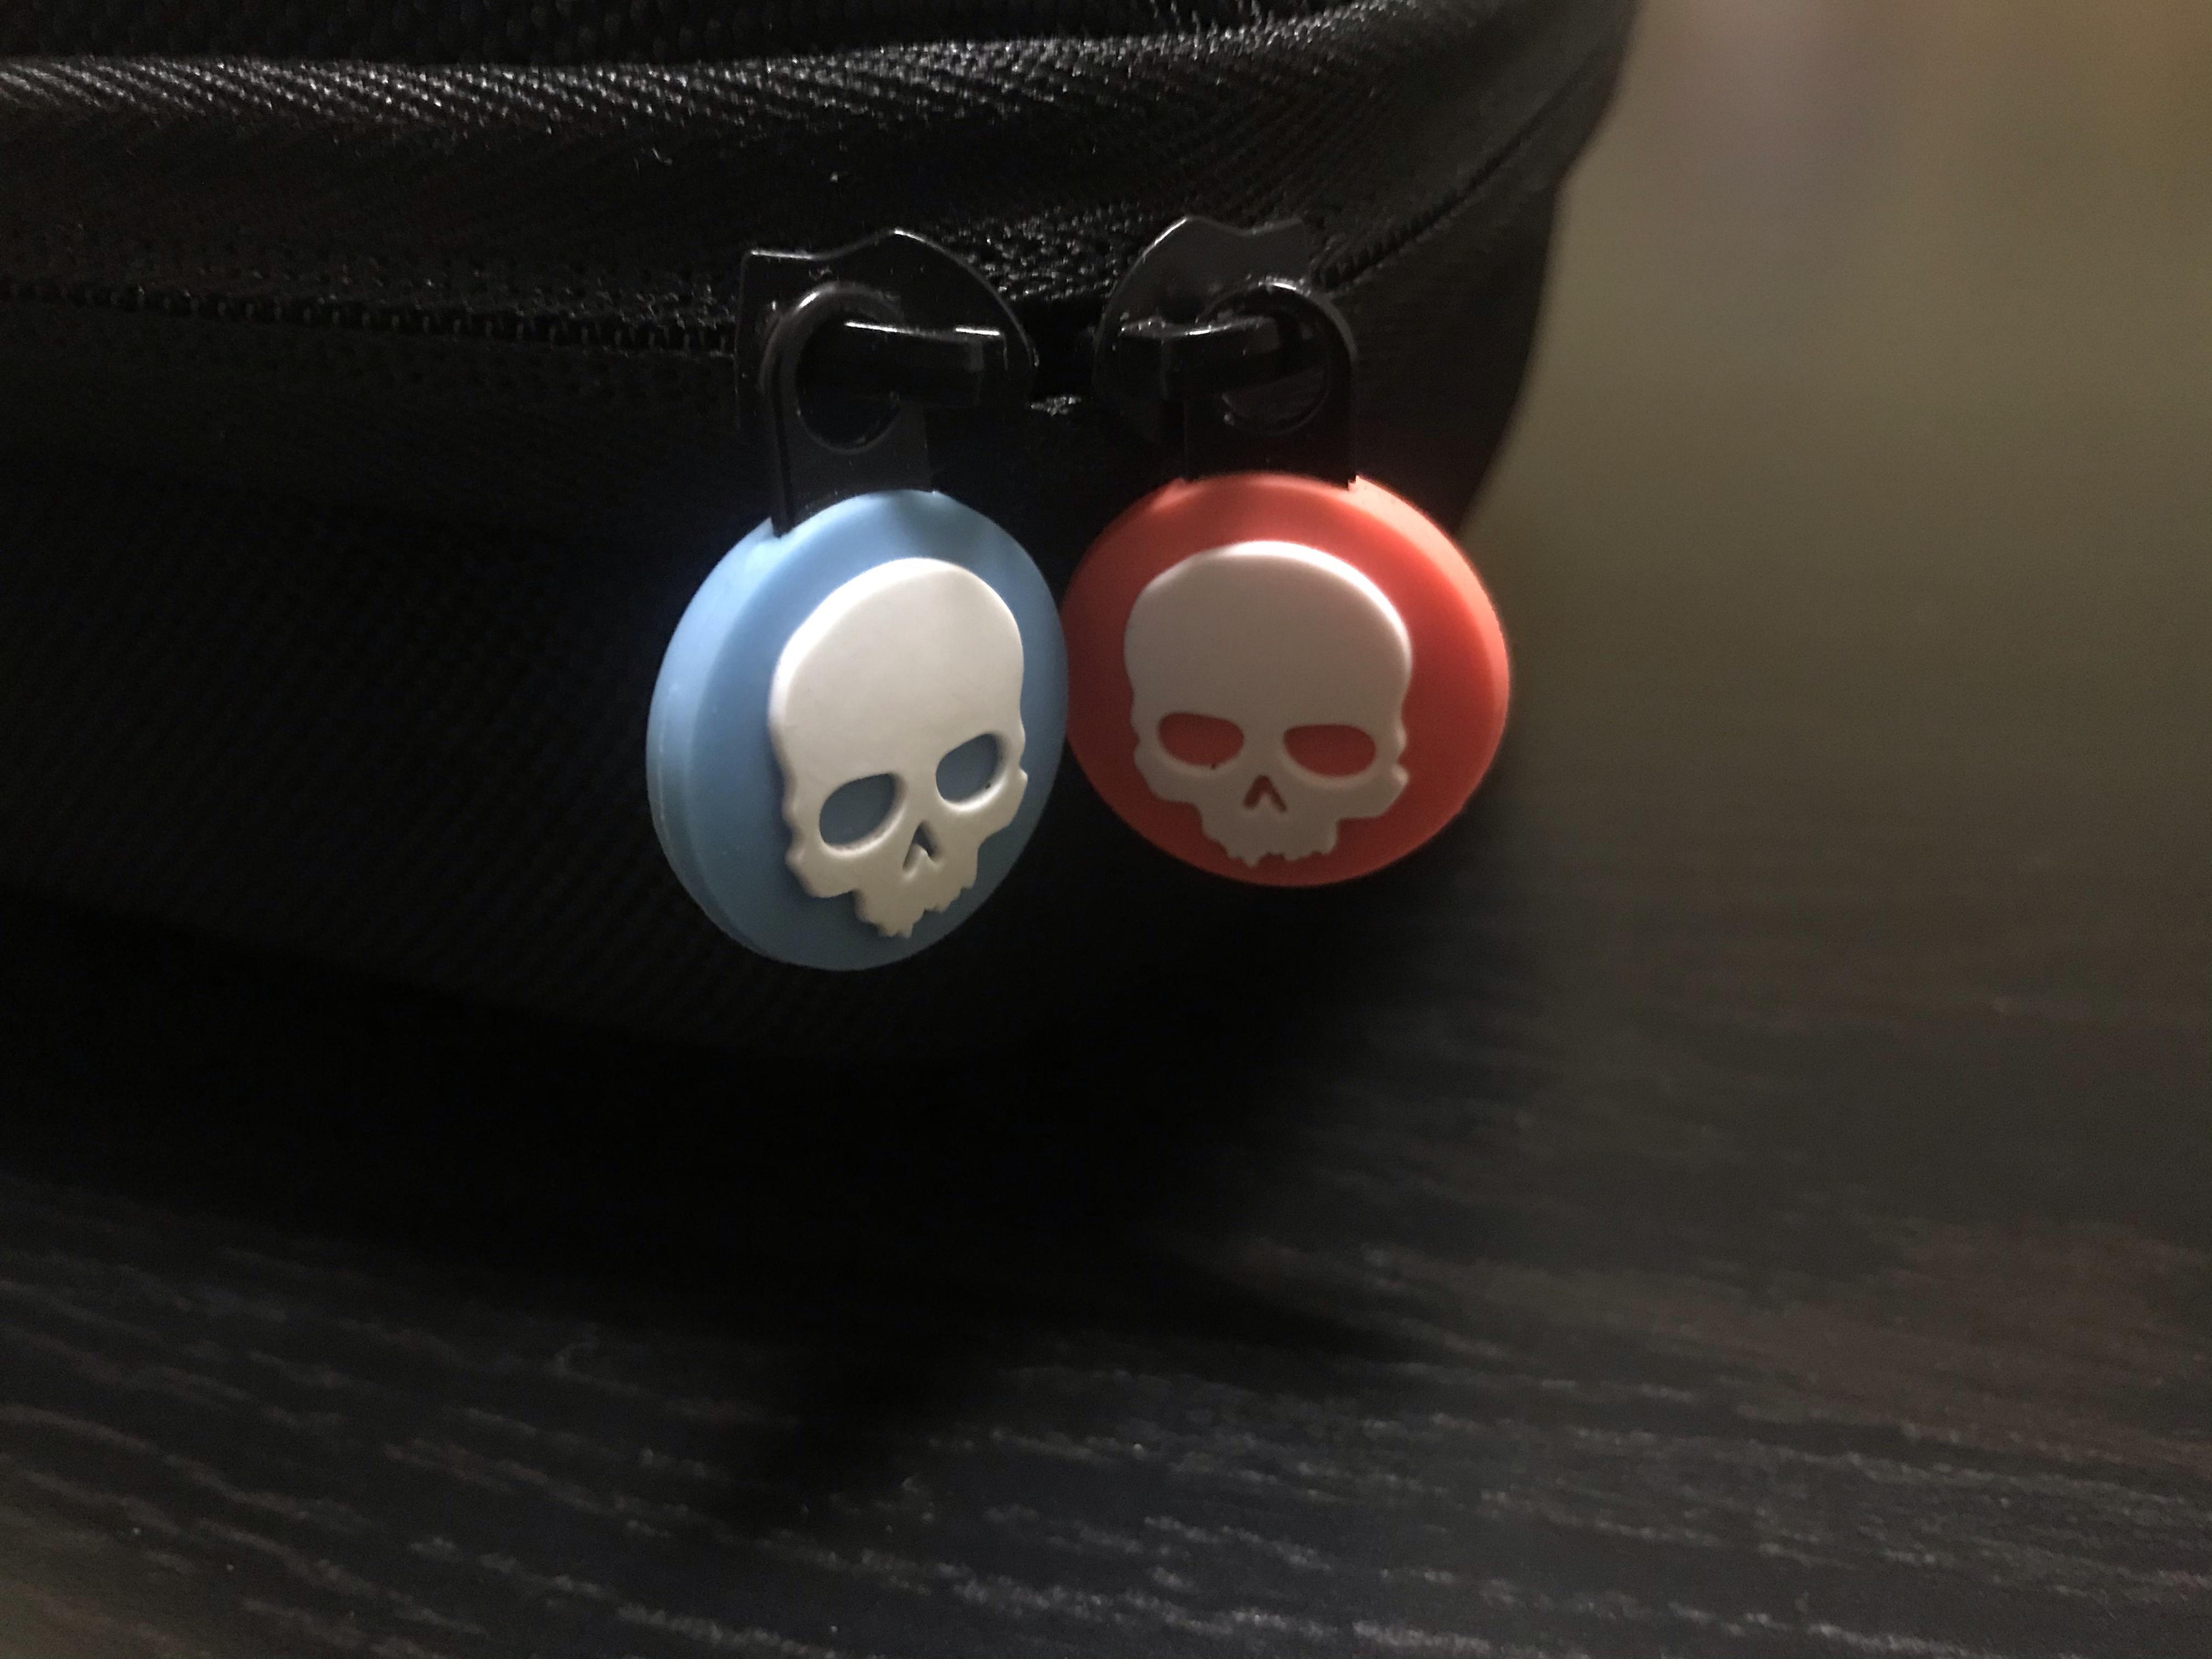 Обзор чехла для Nintendo Switch от Skull & Co 13